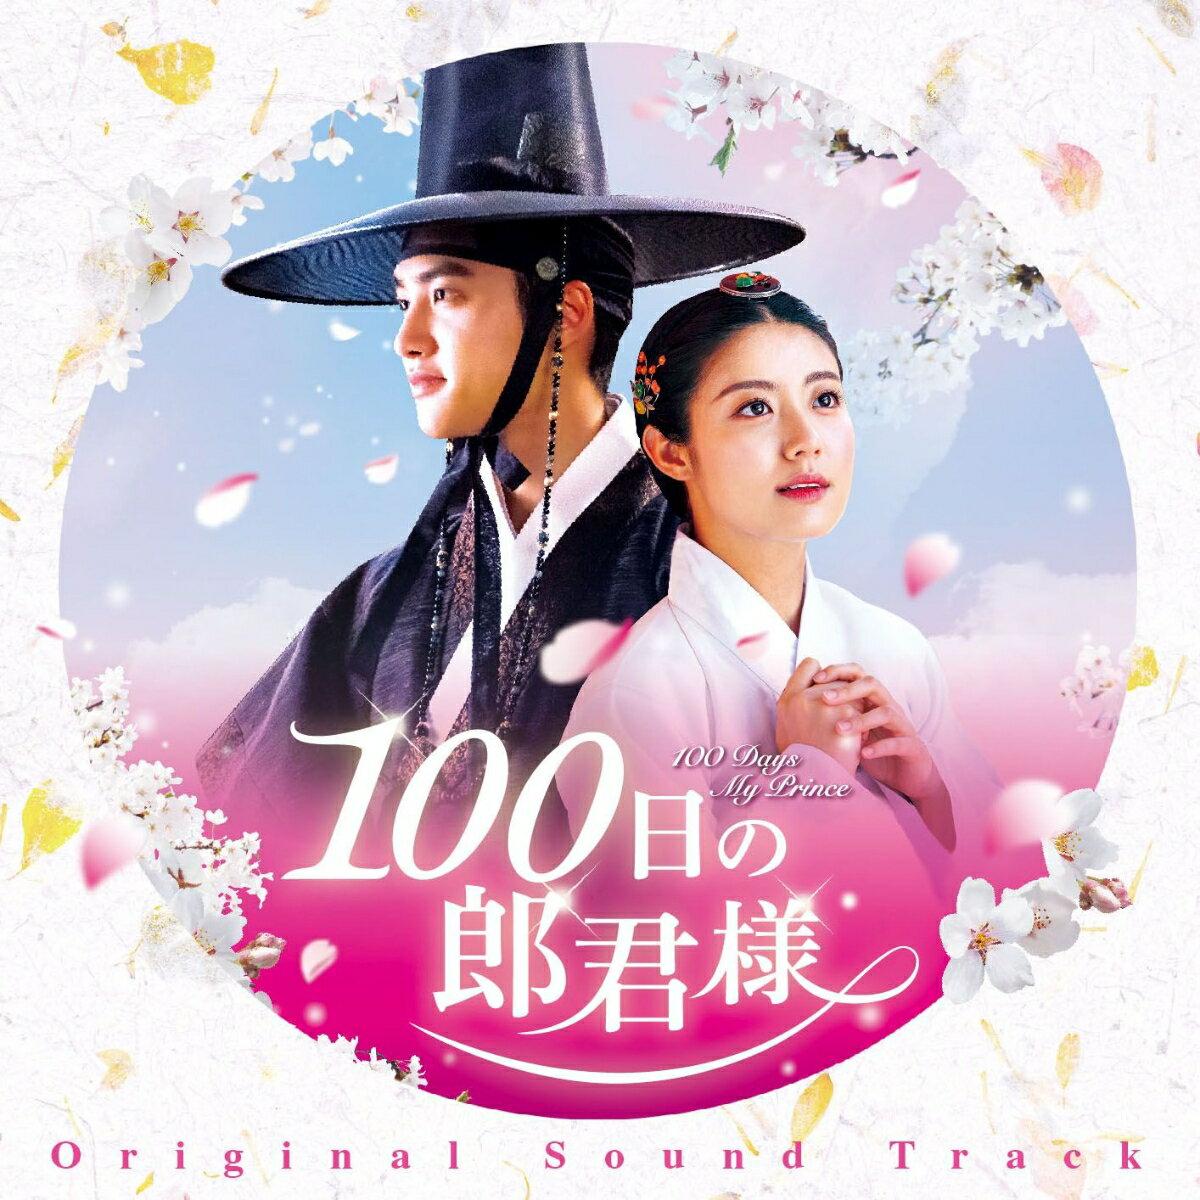 100日の郎君様 オリジナルサウンドトラック画像